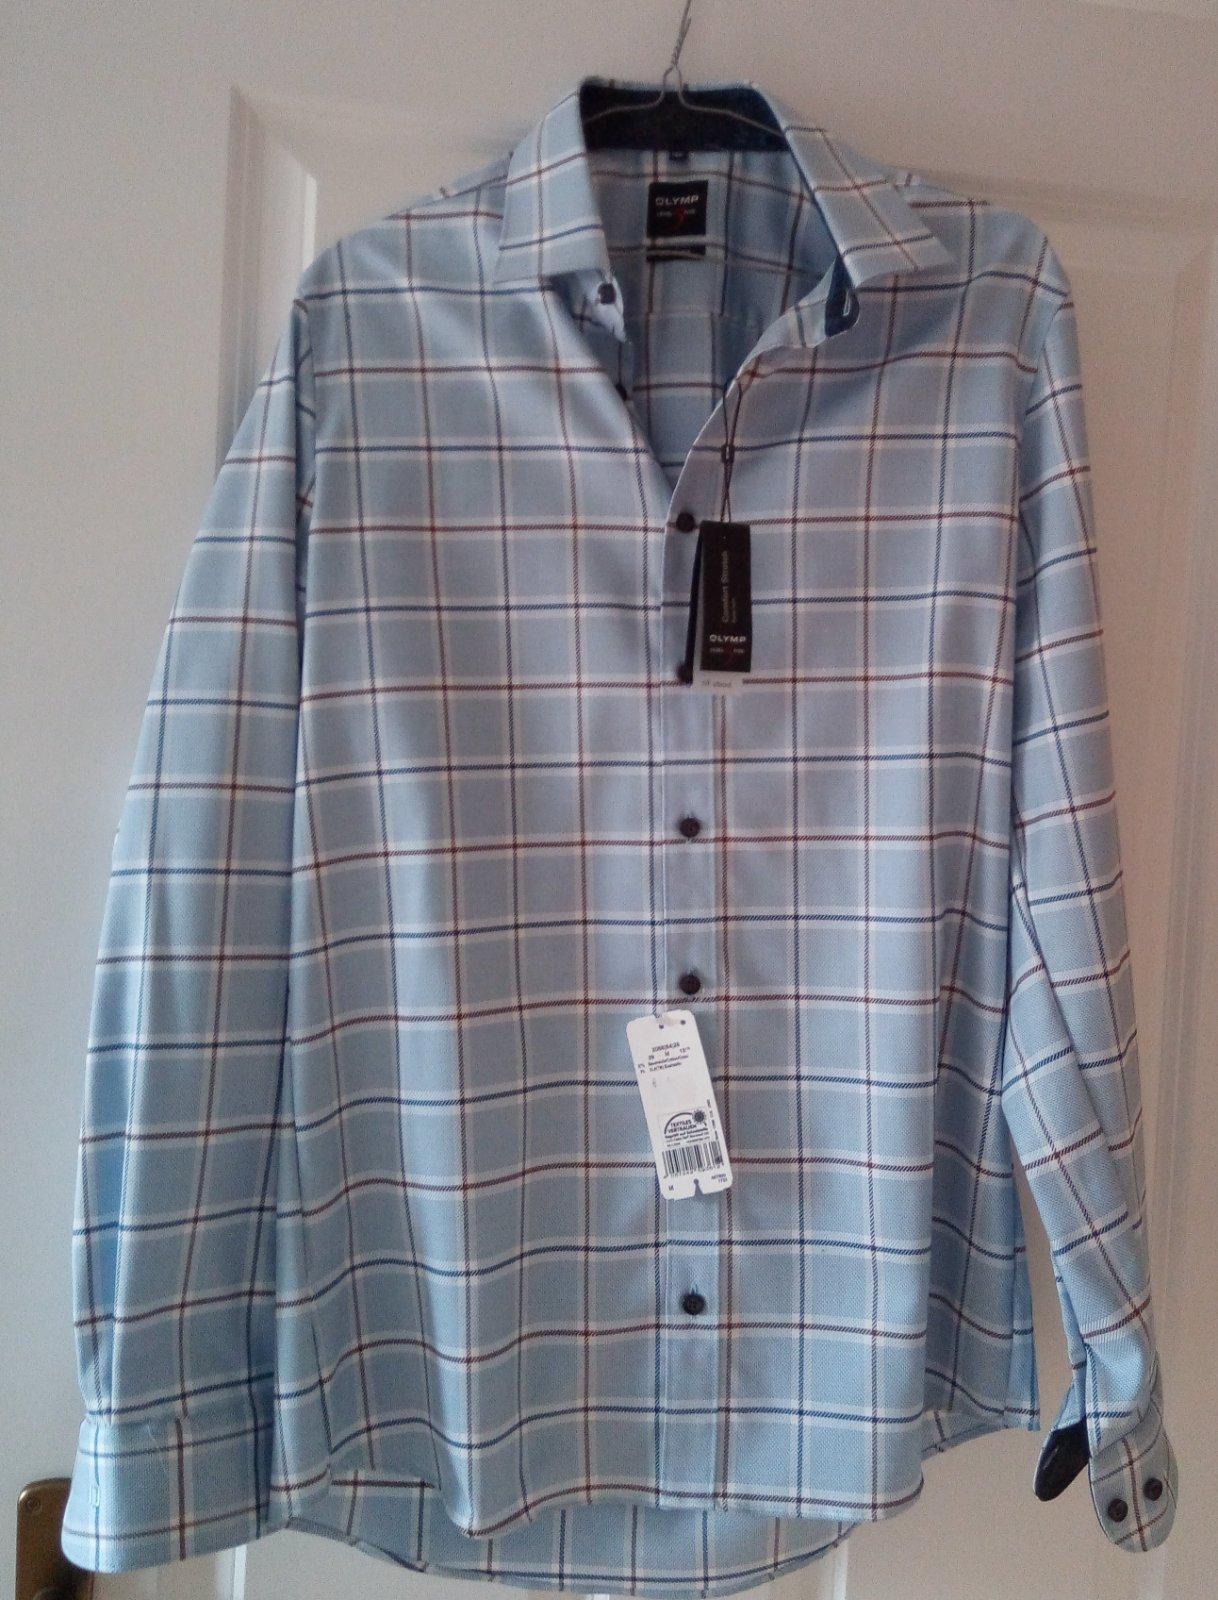 Modrá károvaná pánska košeľa M - Obrázok č. 1